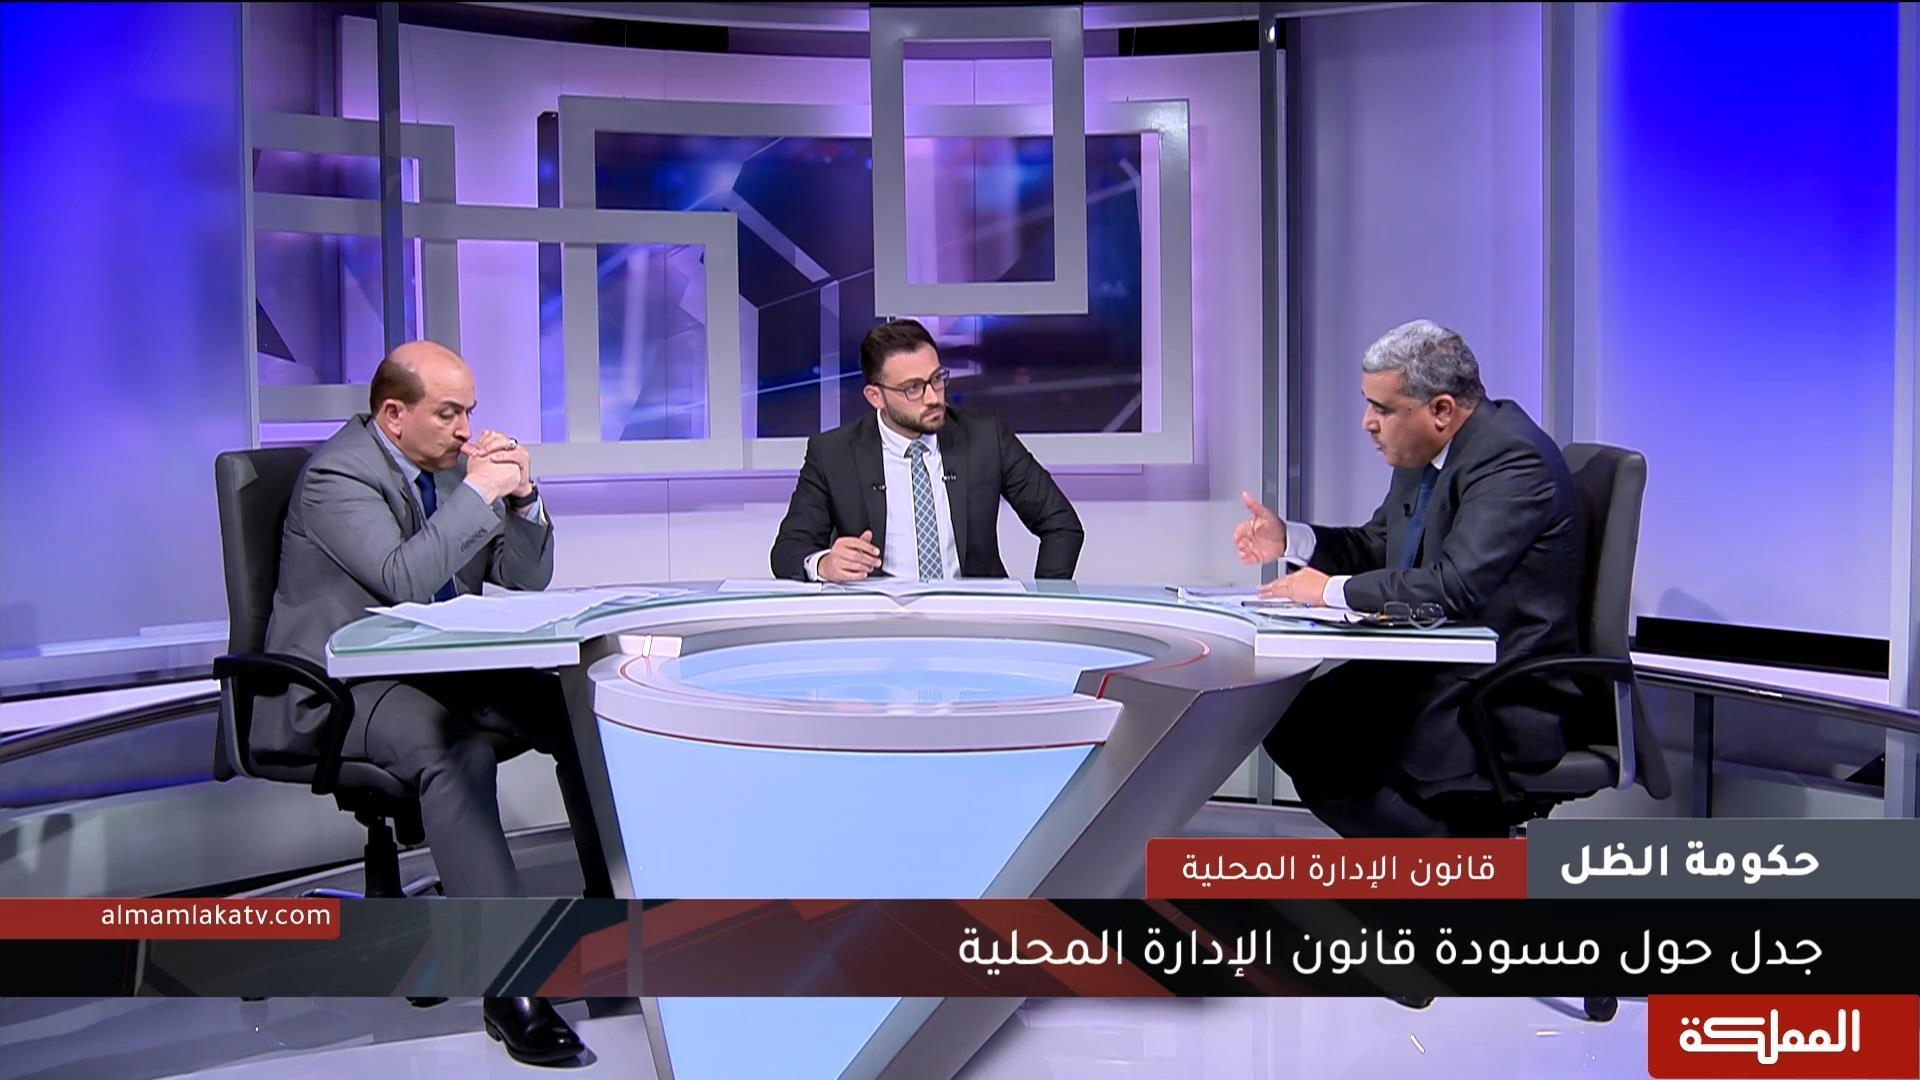 حكومة الظل   جدل تشريعي حول مسودة قانون الإدارة المحلية